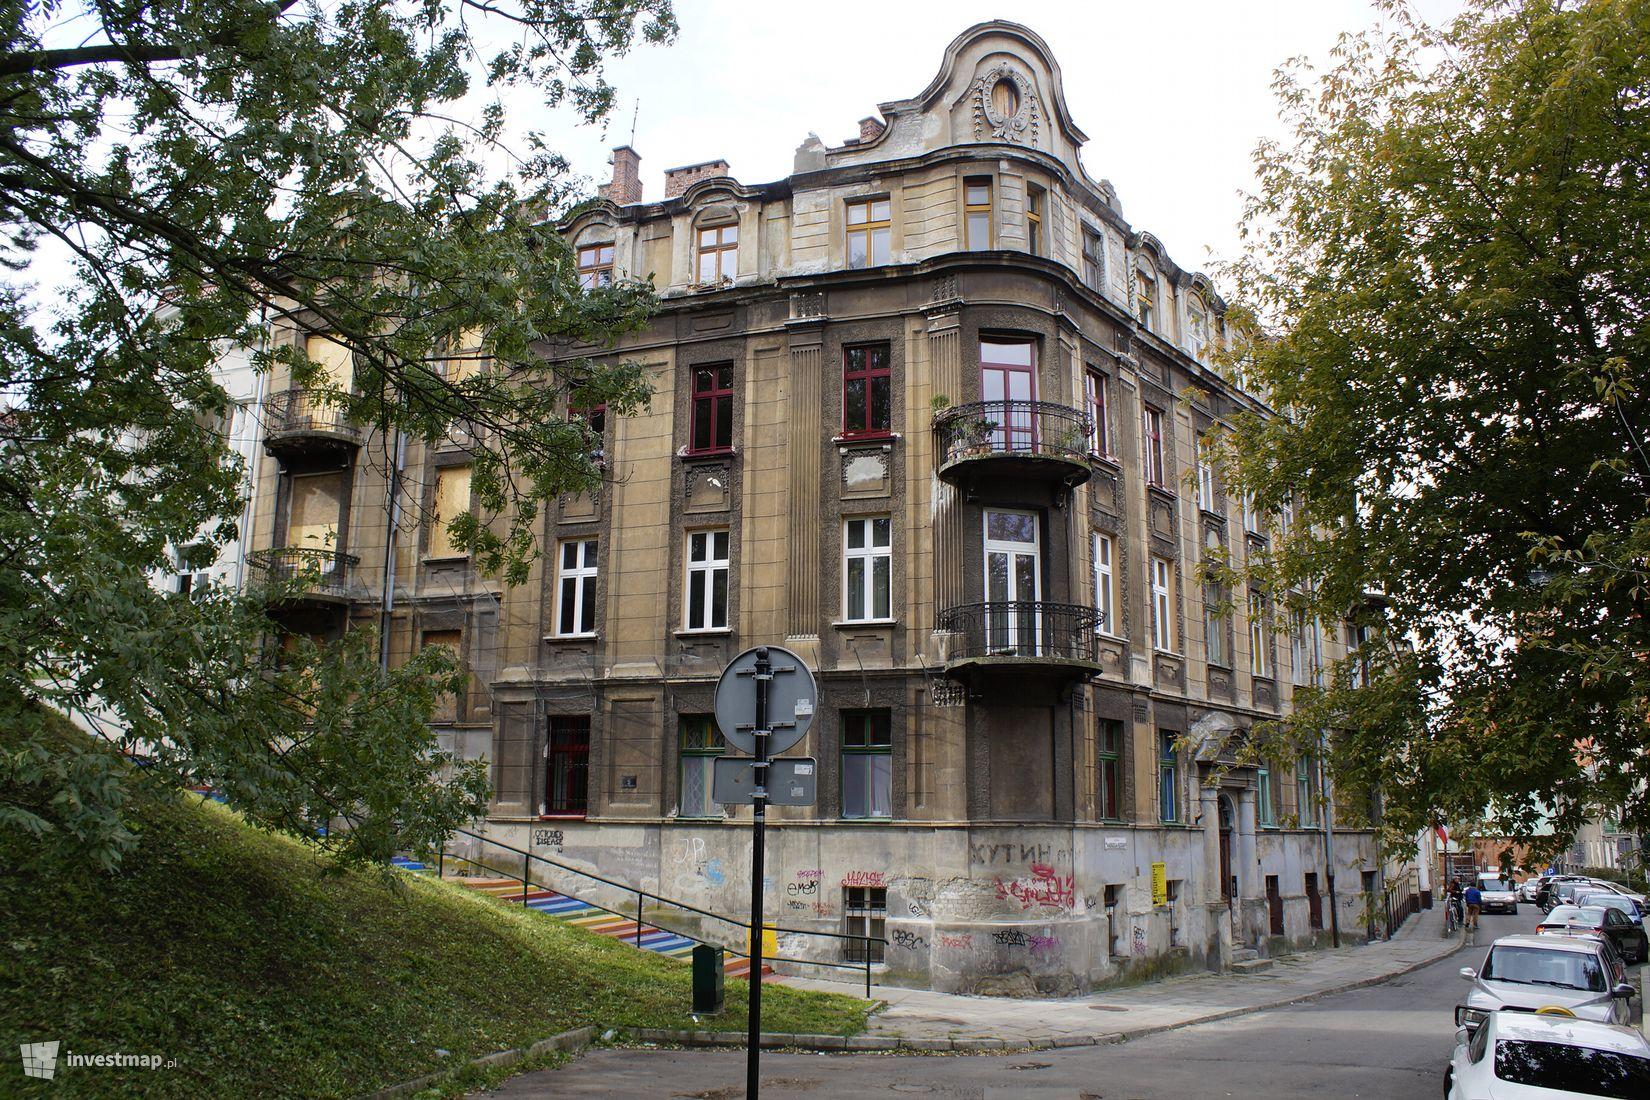 Kamienica przy ul. Potebni 9 w 2018 roku/fot. Damian Daraż, Investmap